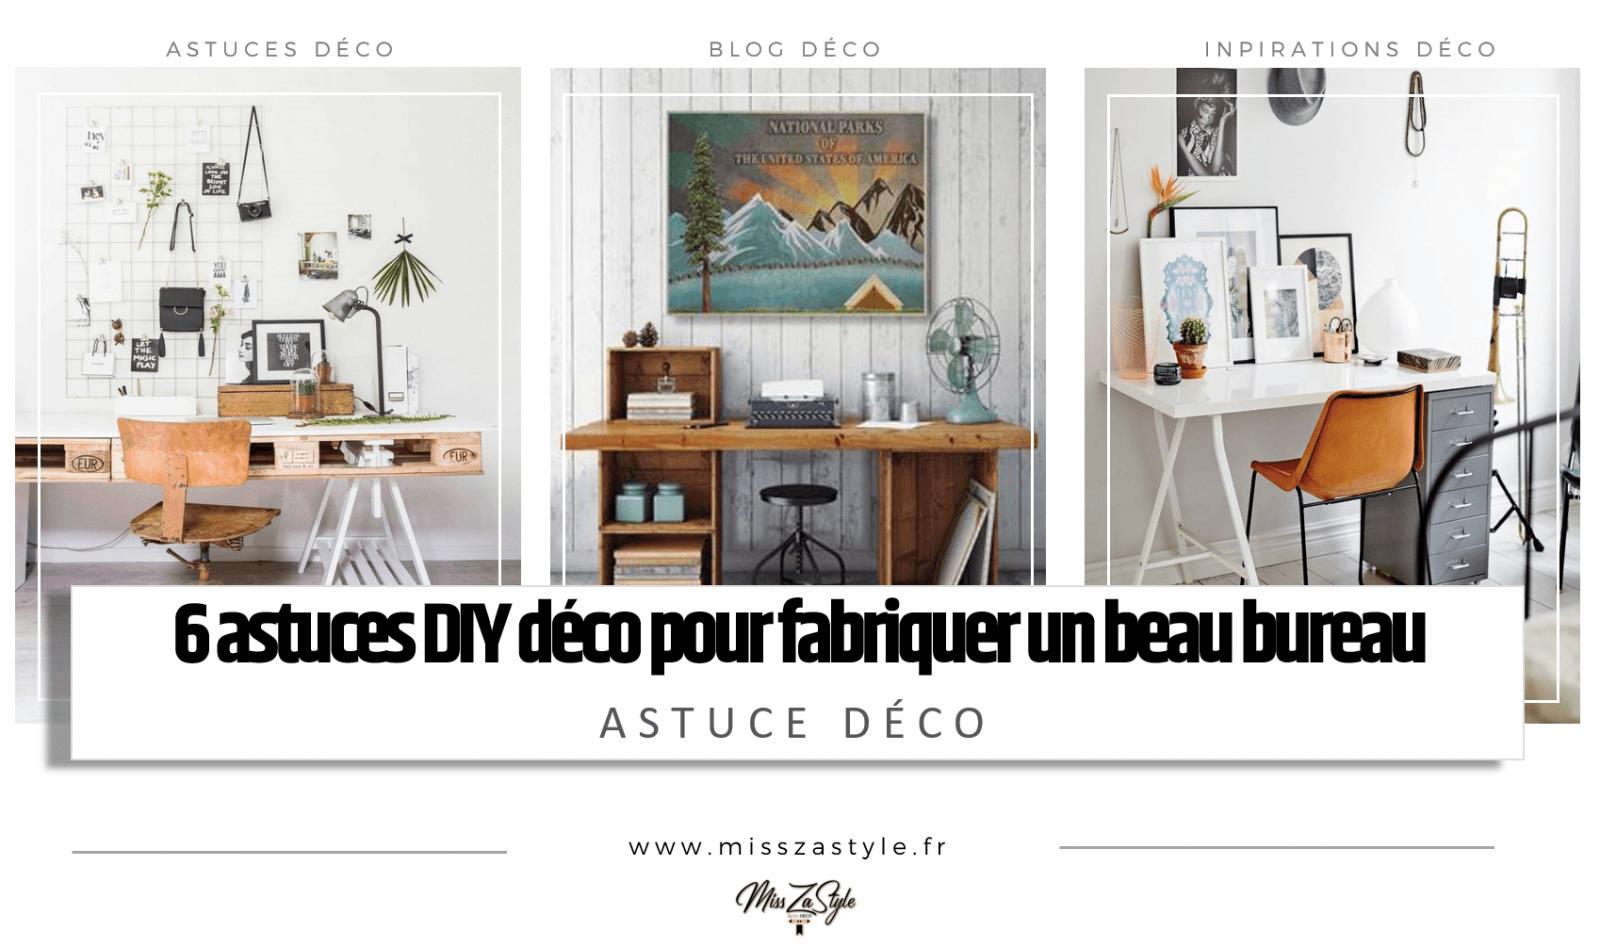 6 Astuces Diy Deco Pour Fabriquer Un Bureau Misszastyle